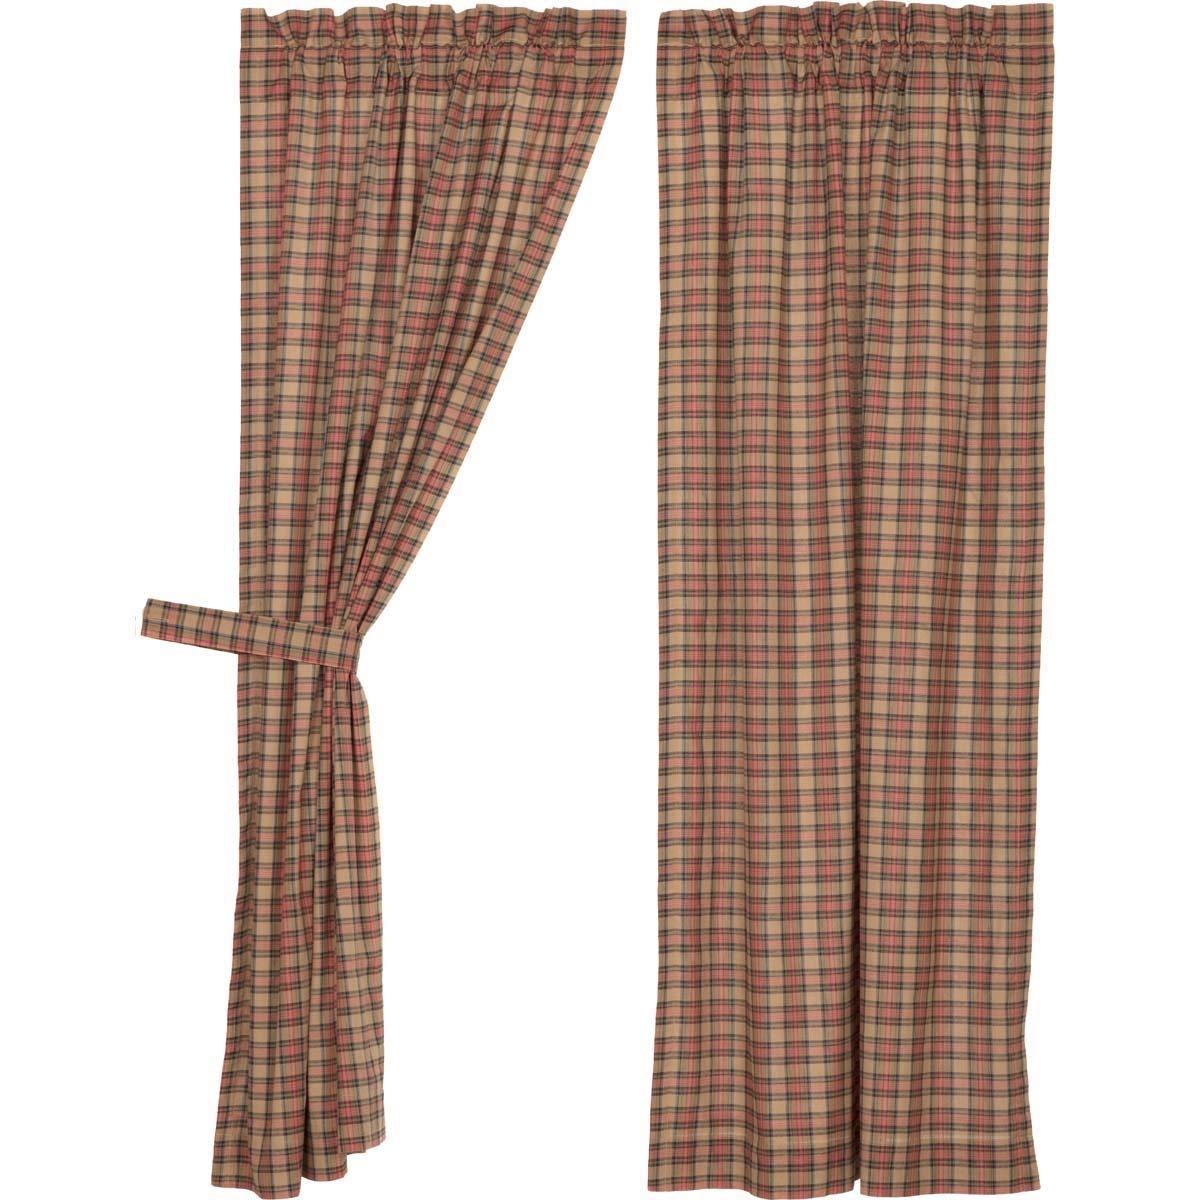 VHC Brands Primitive Curtains Cinnamon Rod Pocket Cotton Tie Back(s) Plaid Panel Pair Natural Tan